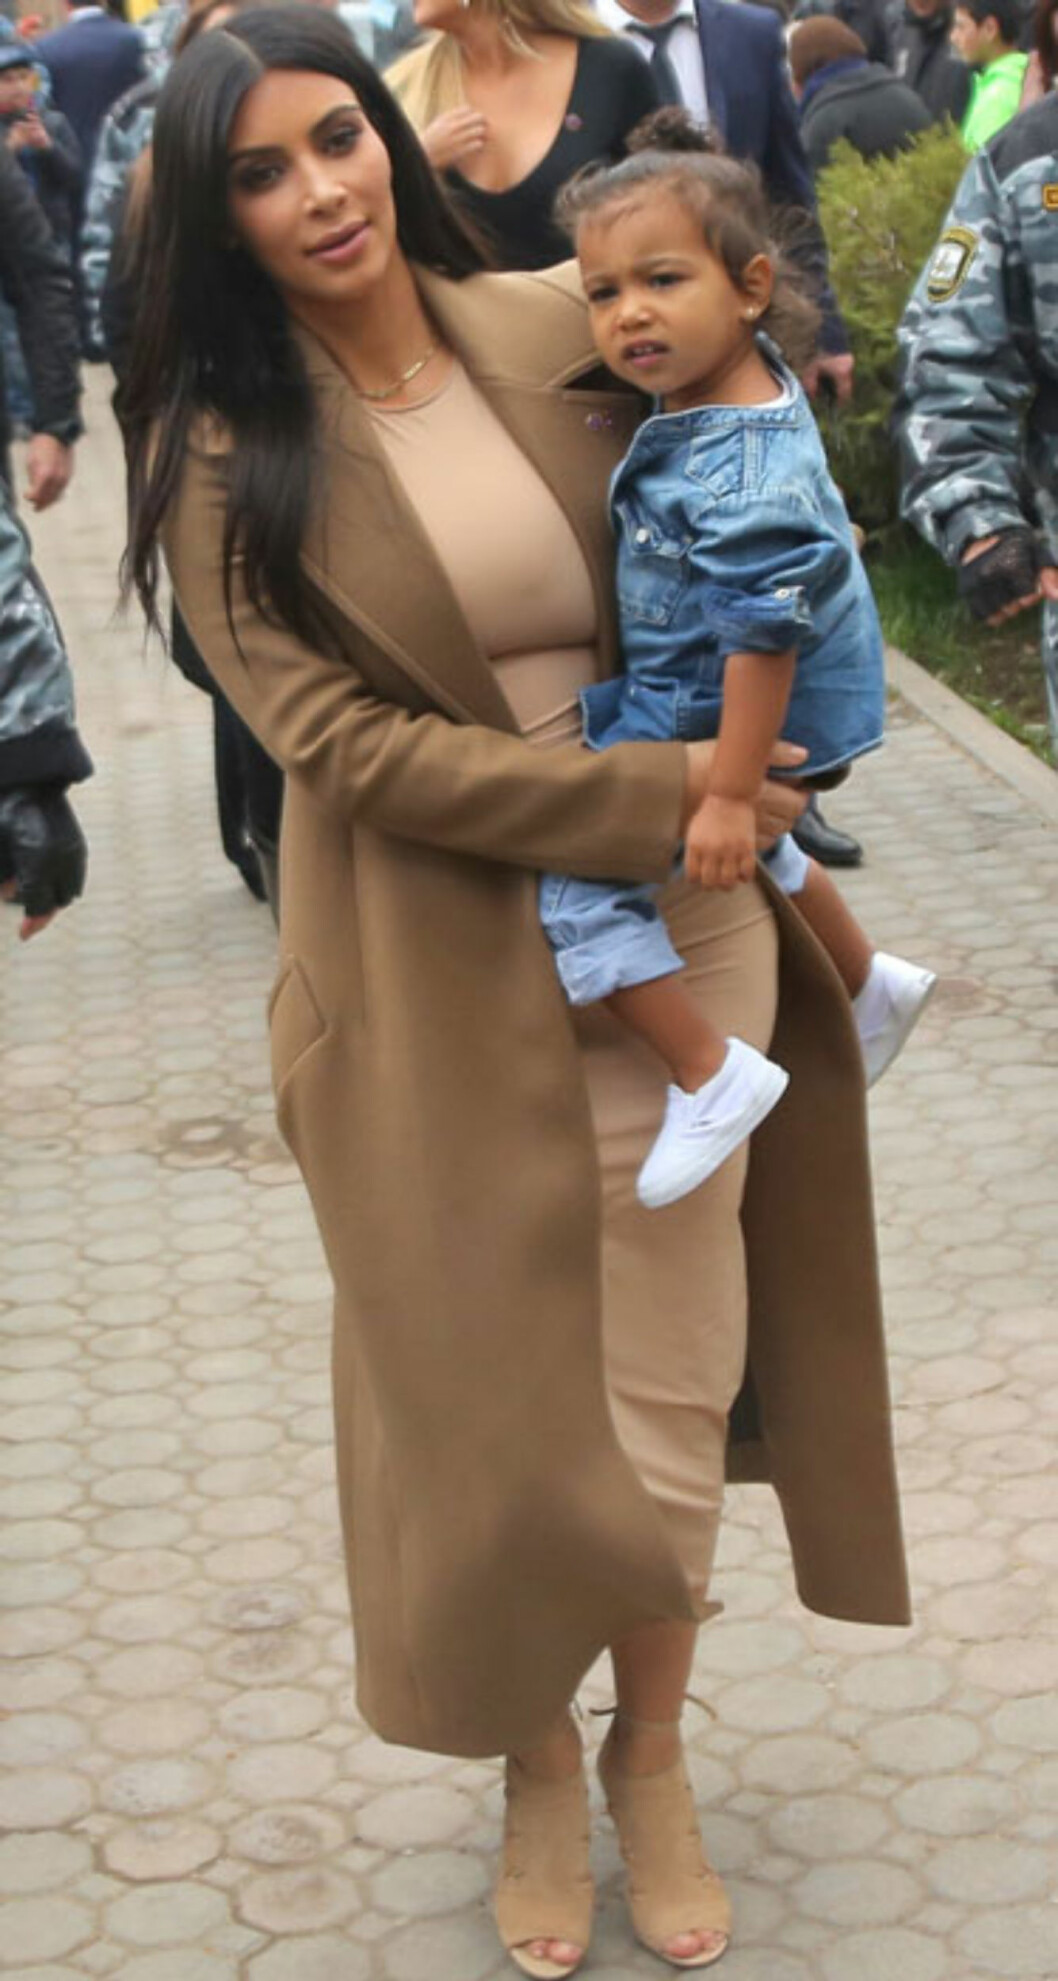 Mens hun kledde datteren i denim, gikk Kim for kamelfarget fra topp til tå da de besøkte en kirke på en familietur til Armenia.  Foto: Scanpix